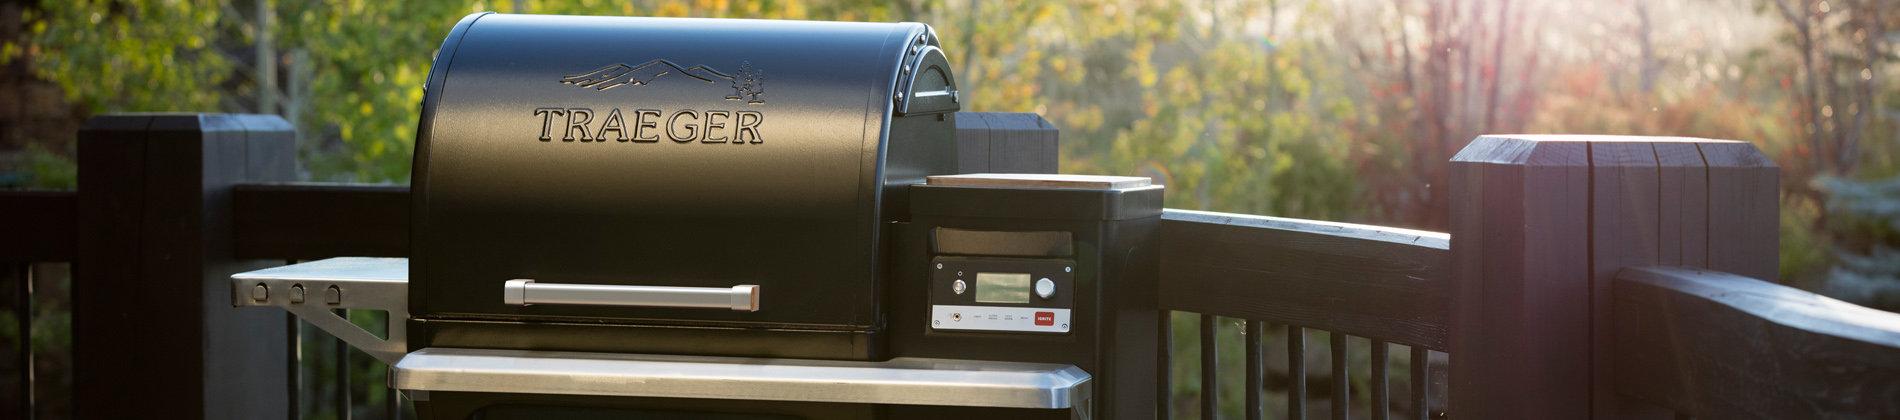 traeger-pellet-grills.jpg